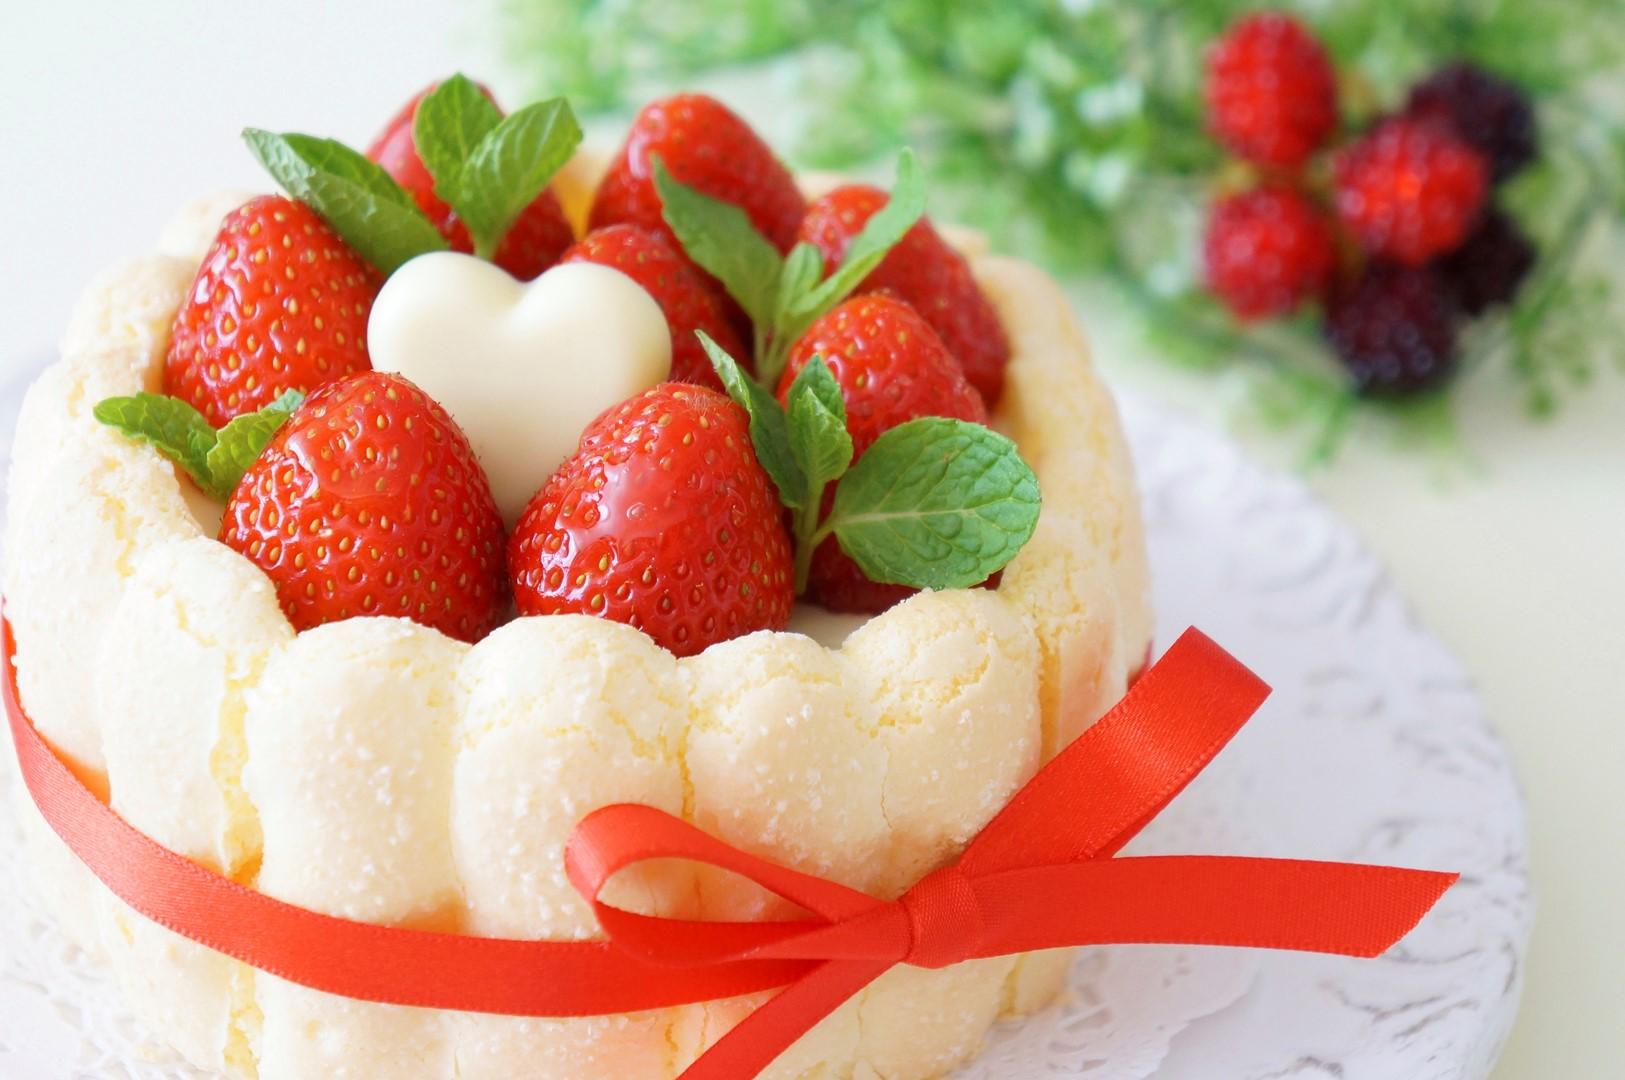 Charlotte aux fraises sur miam miam for Maison de charlotte aux fraises